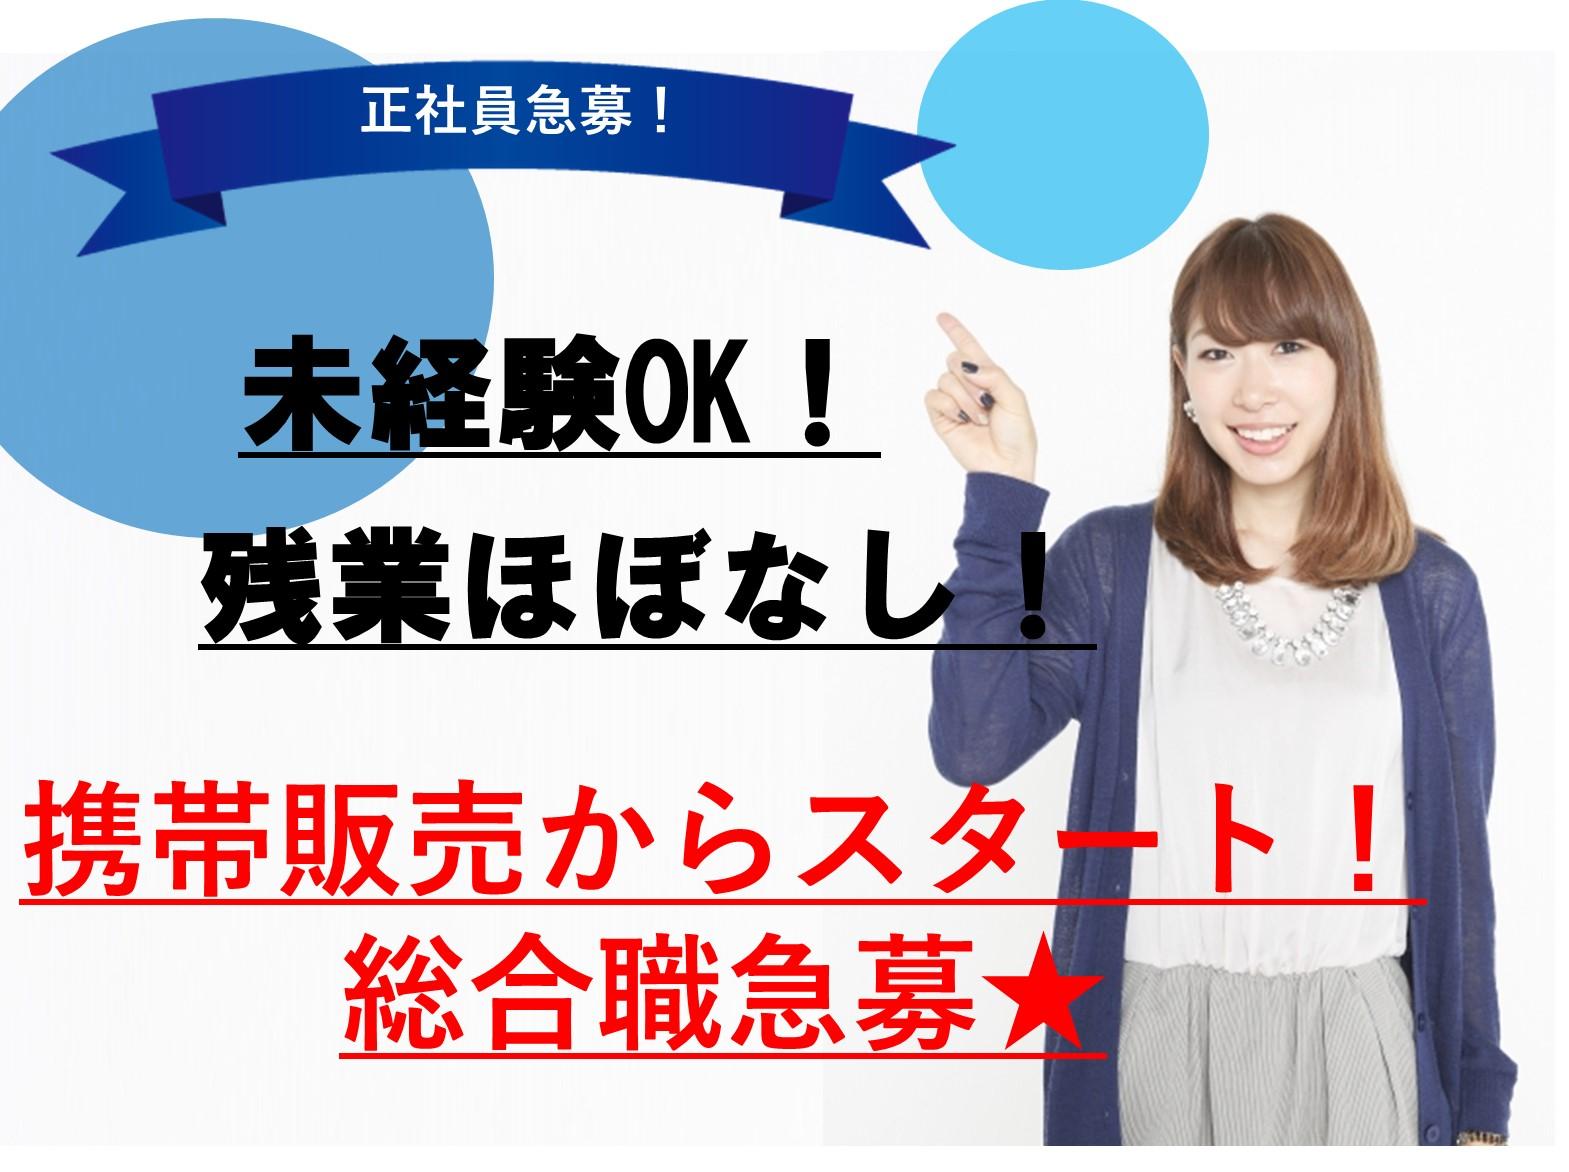 【正社員*愛知県でのお仕事】未経験OK!キャリアアップ可能な総合職急募! イメージ